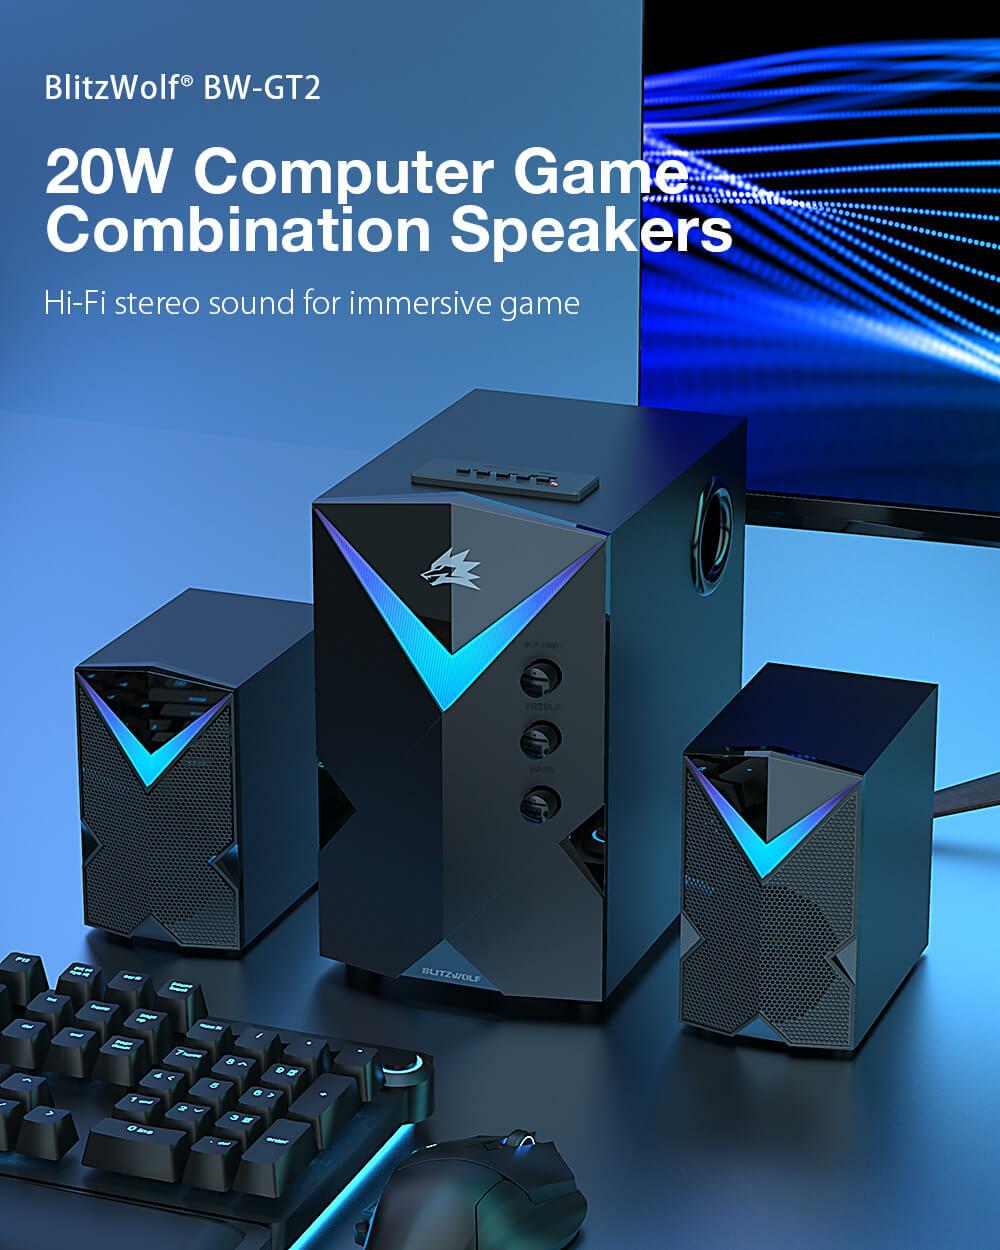 BlitzWolf® BW-GT2 hangrendszer 20 W teljesítmény Hi-Fi sztereó hangzás számítógép asztalon